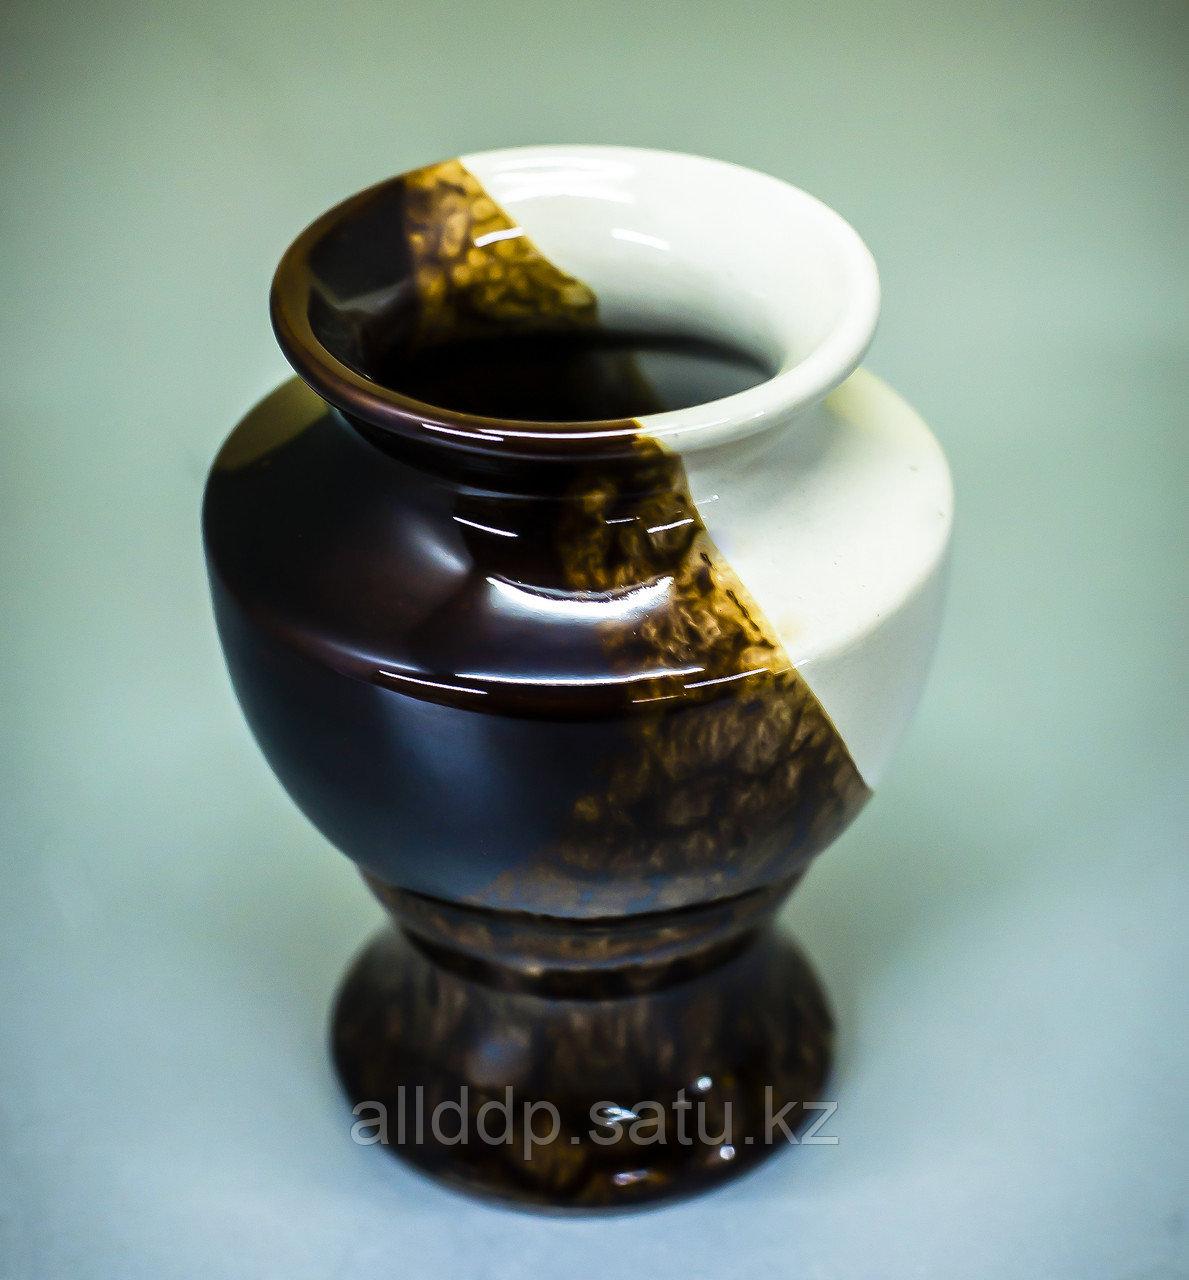 Чаша декоративная (керамика, бело-коричневая),13,5см